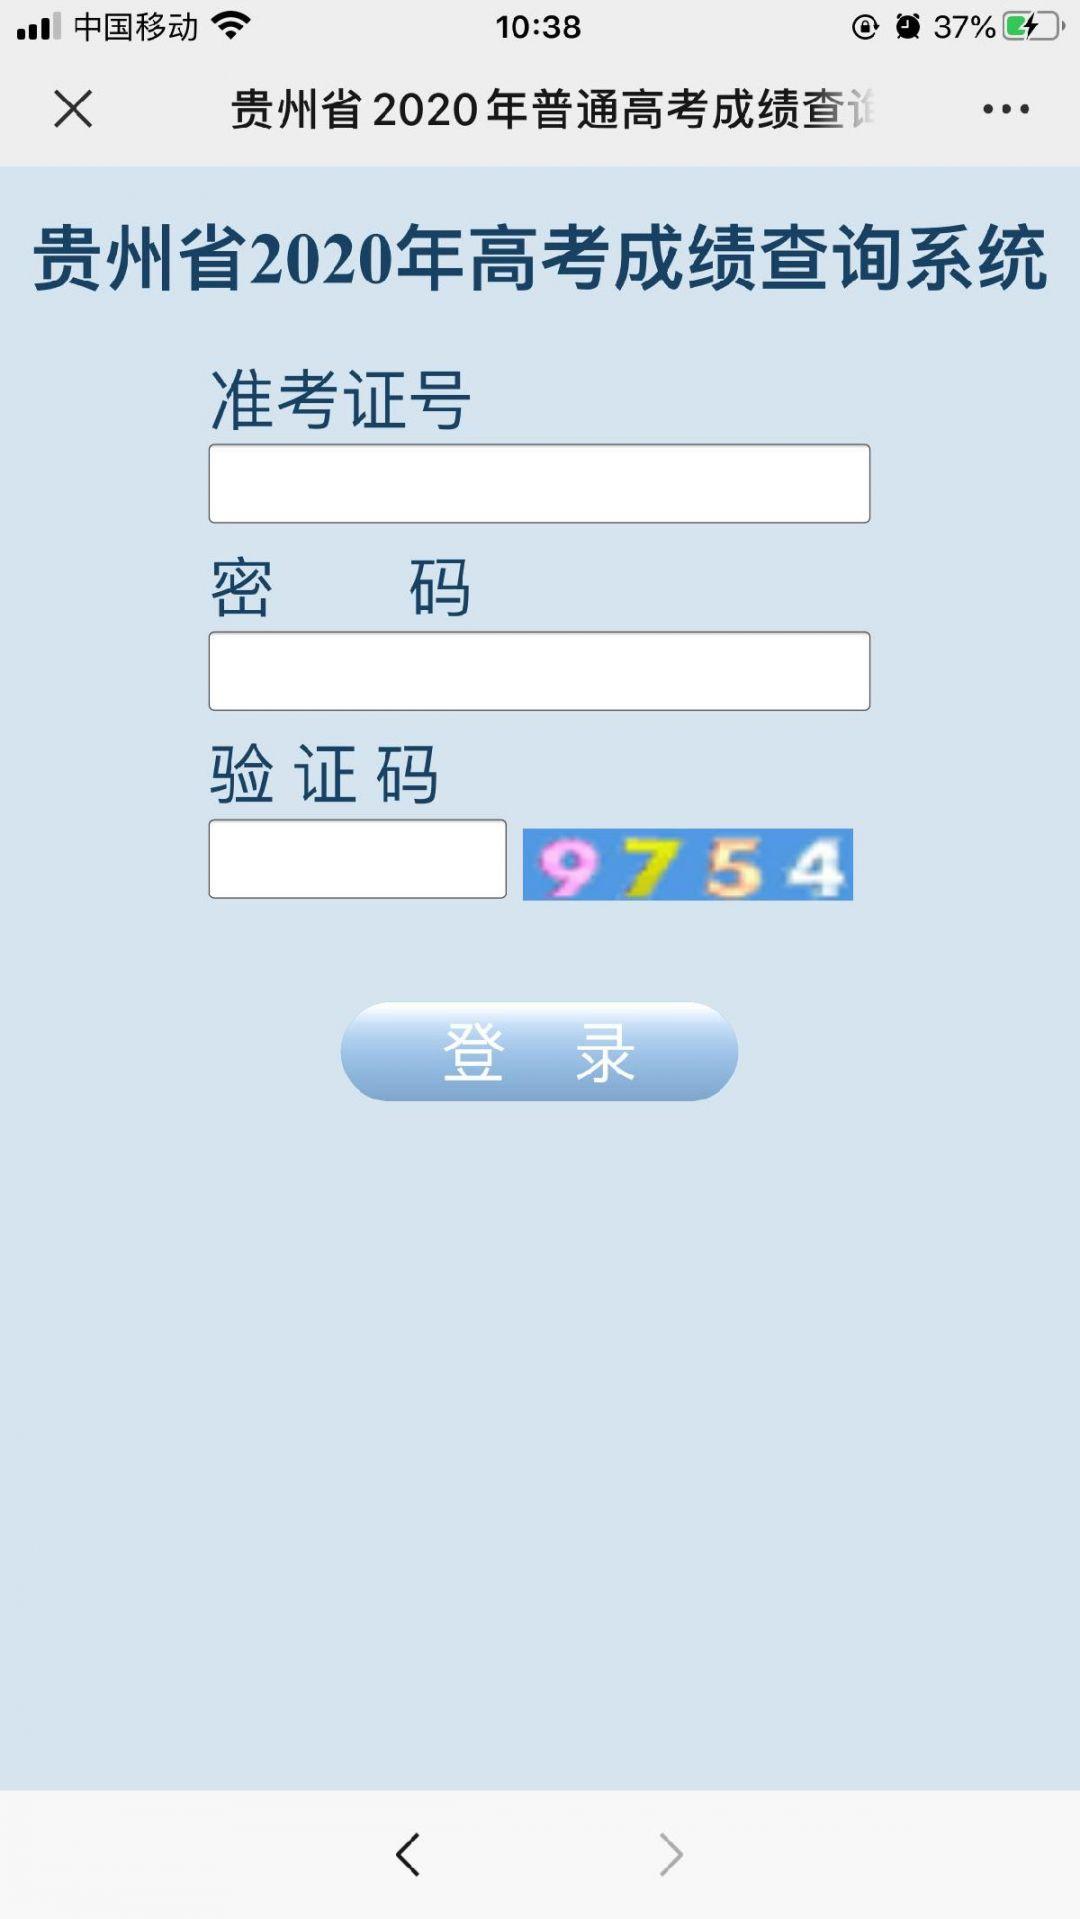 贵州省高考成绩查询系统(附志愿填报系统)